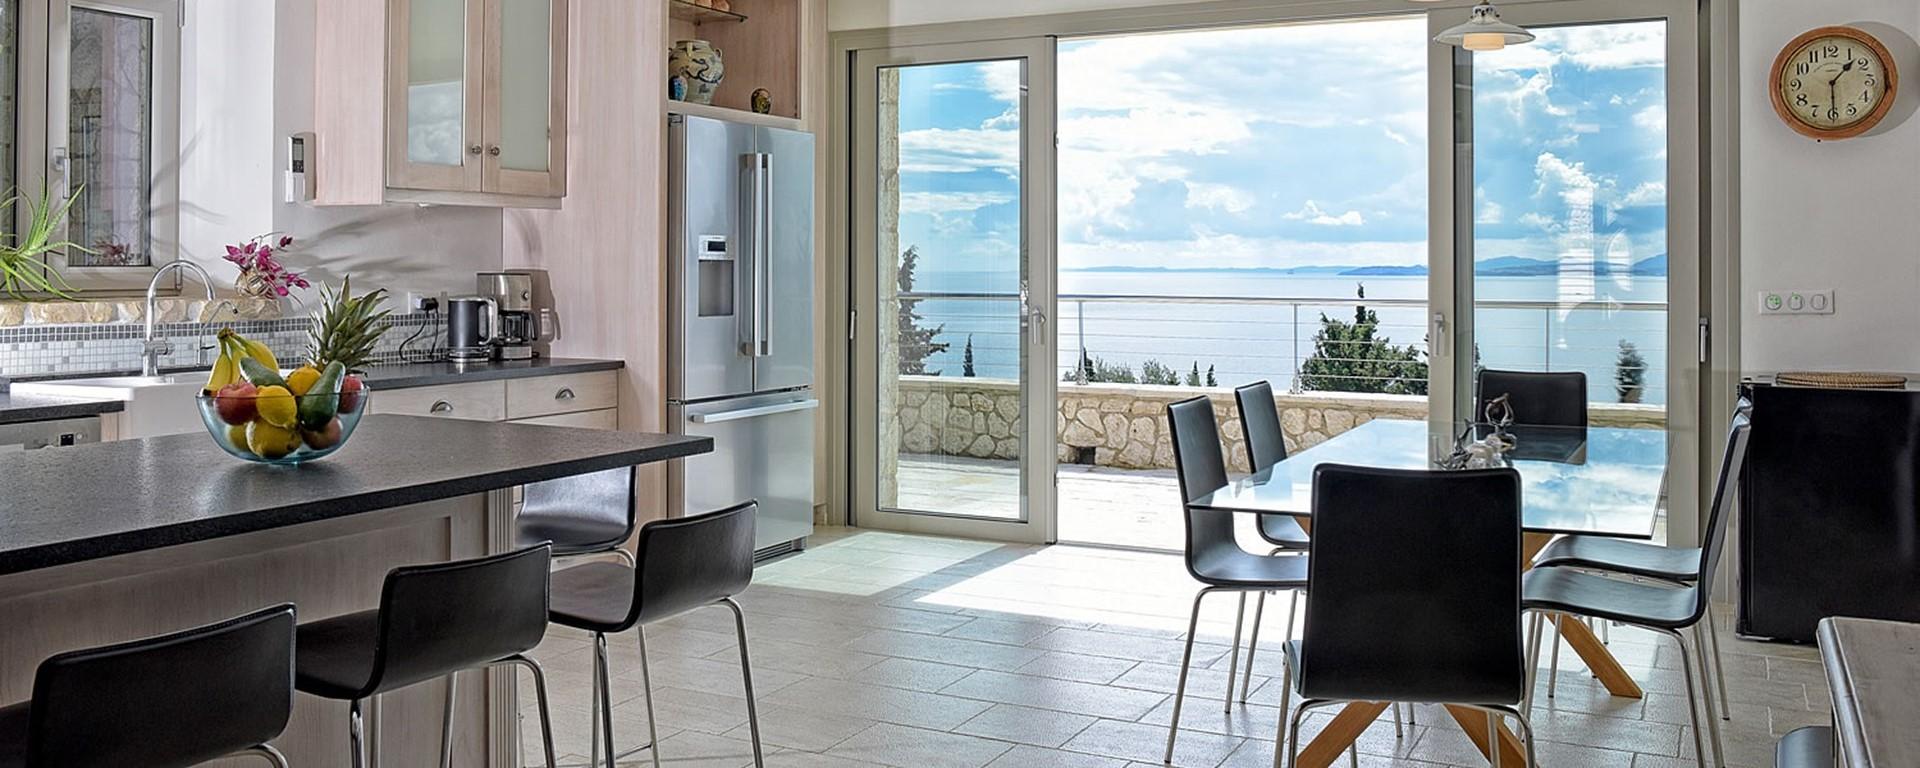 nissaki-house-corfu-kitchen